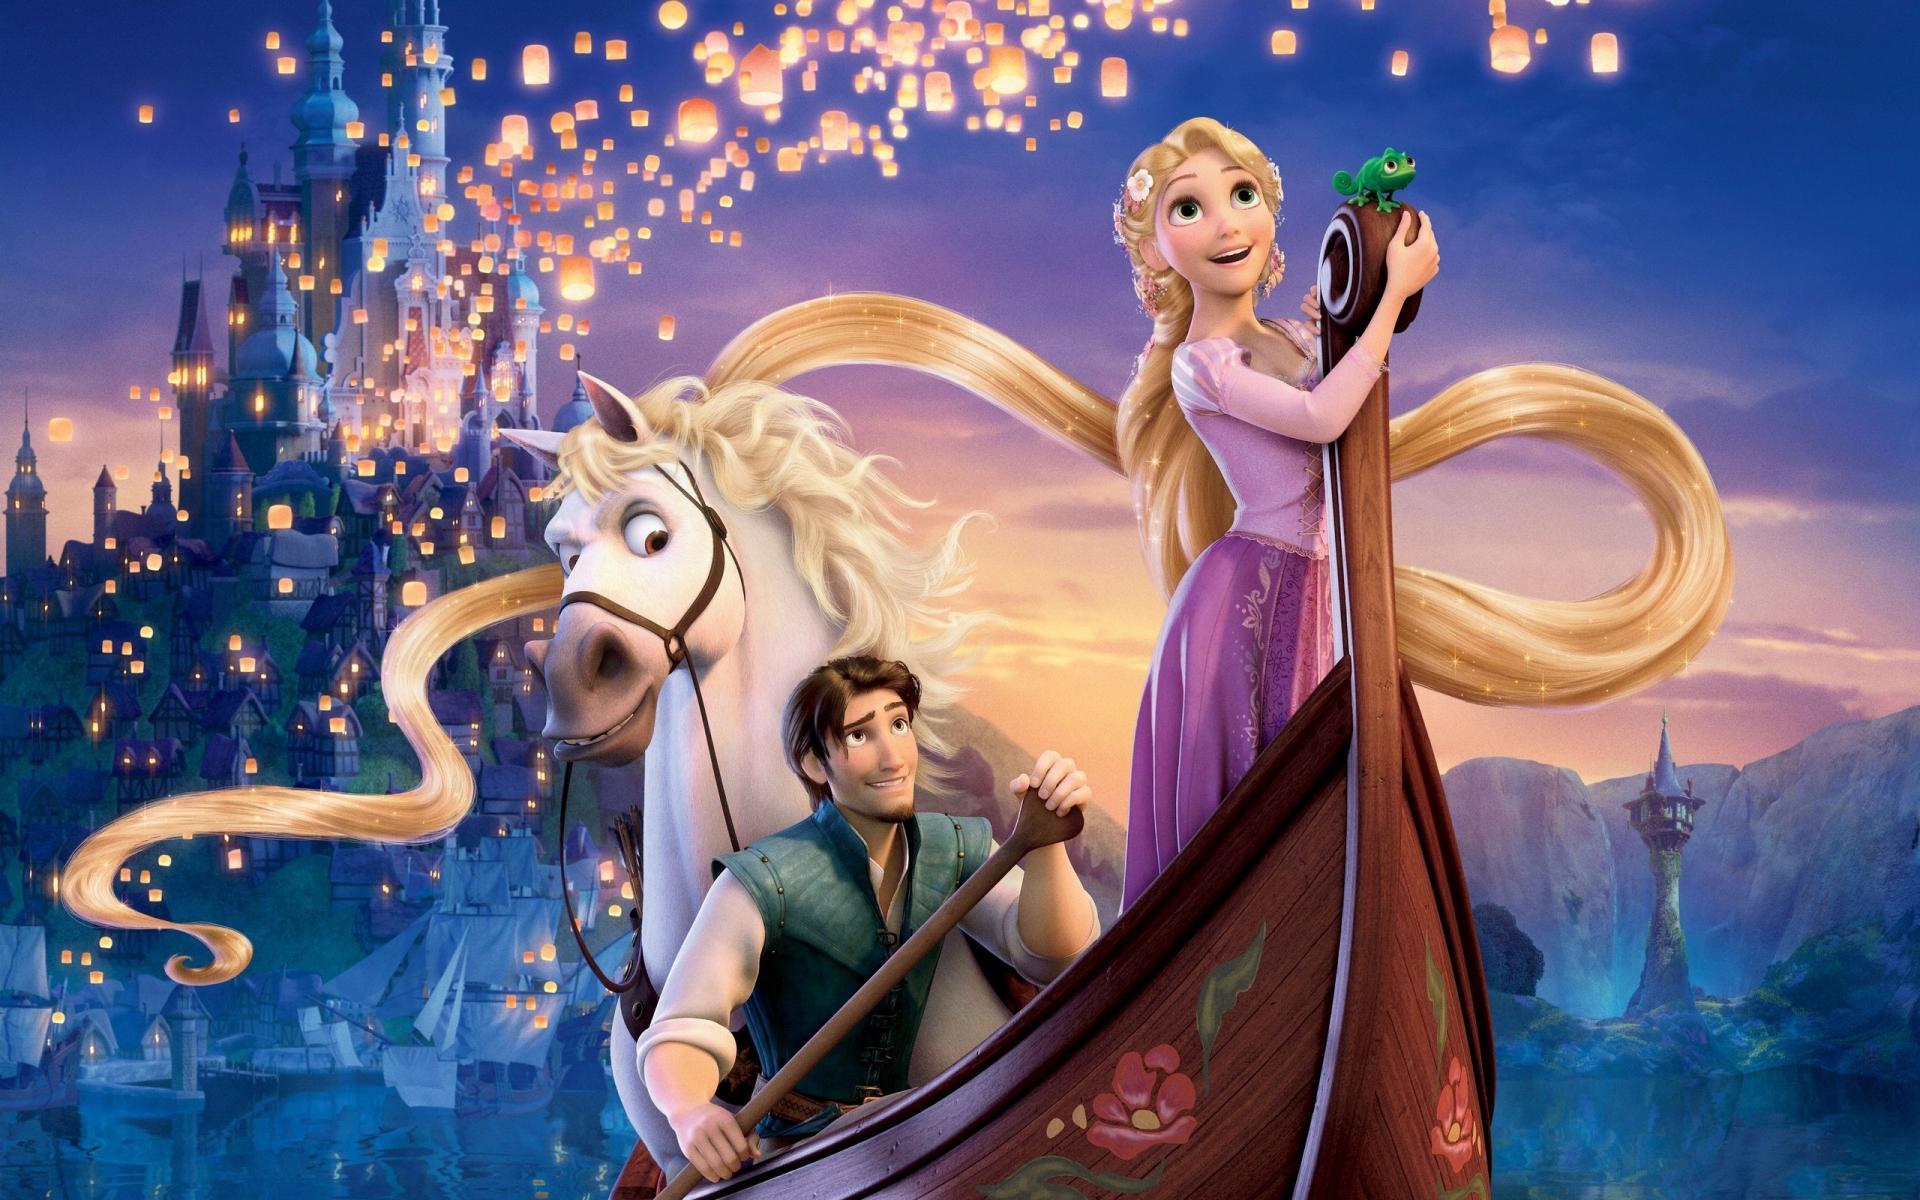 Most Inspiring Wallpaper Macbook Disney - 8tJMjsU  Gallery_543225.jpg